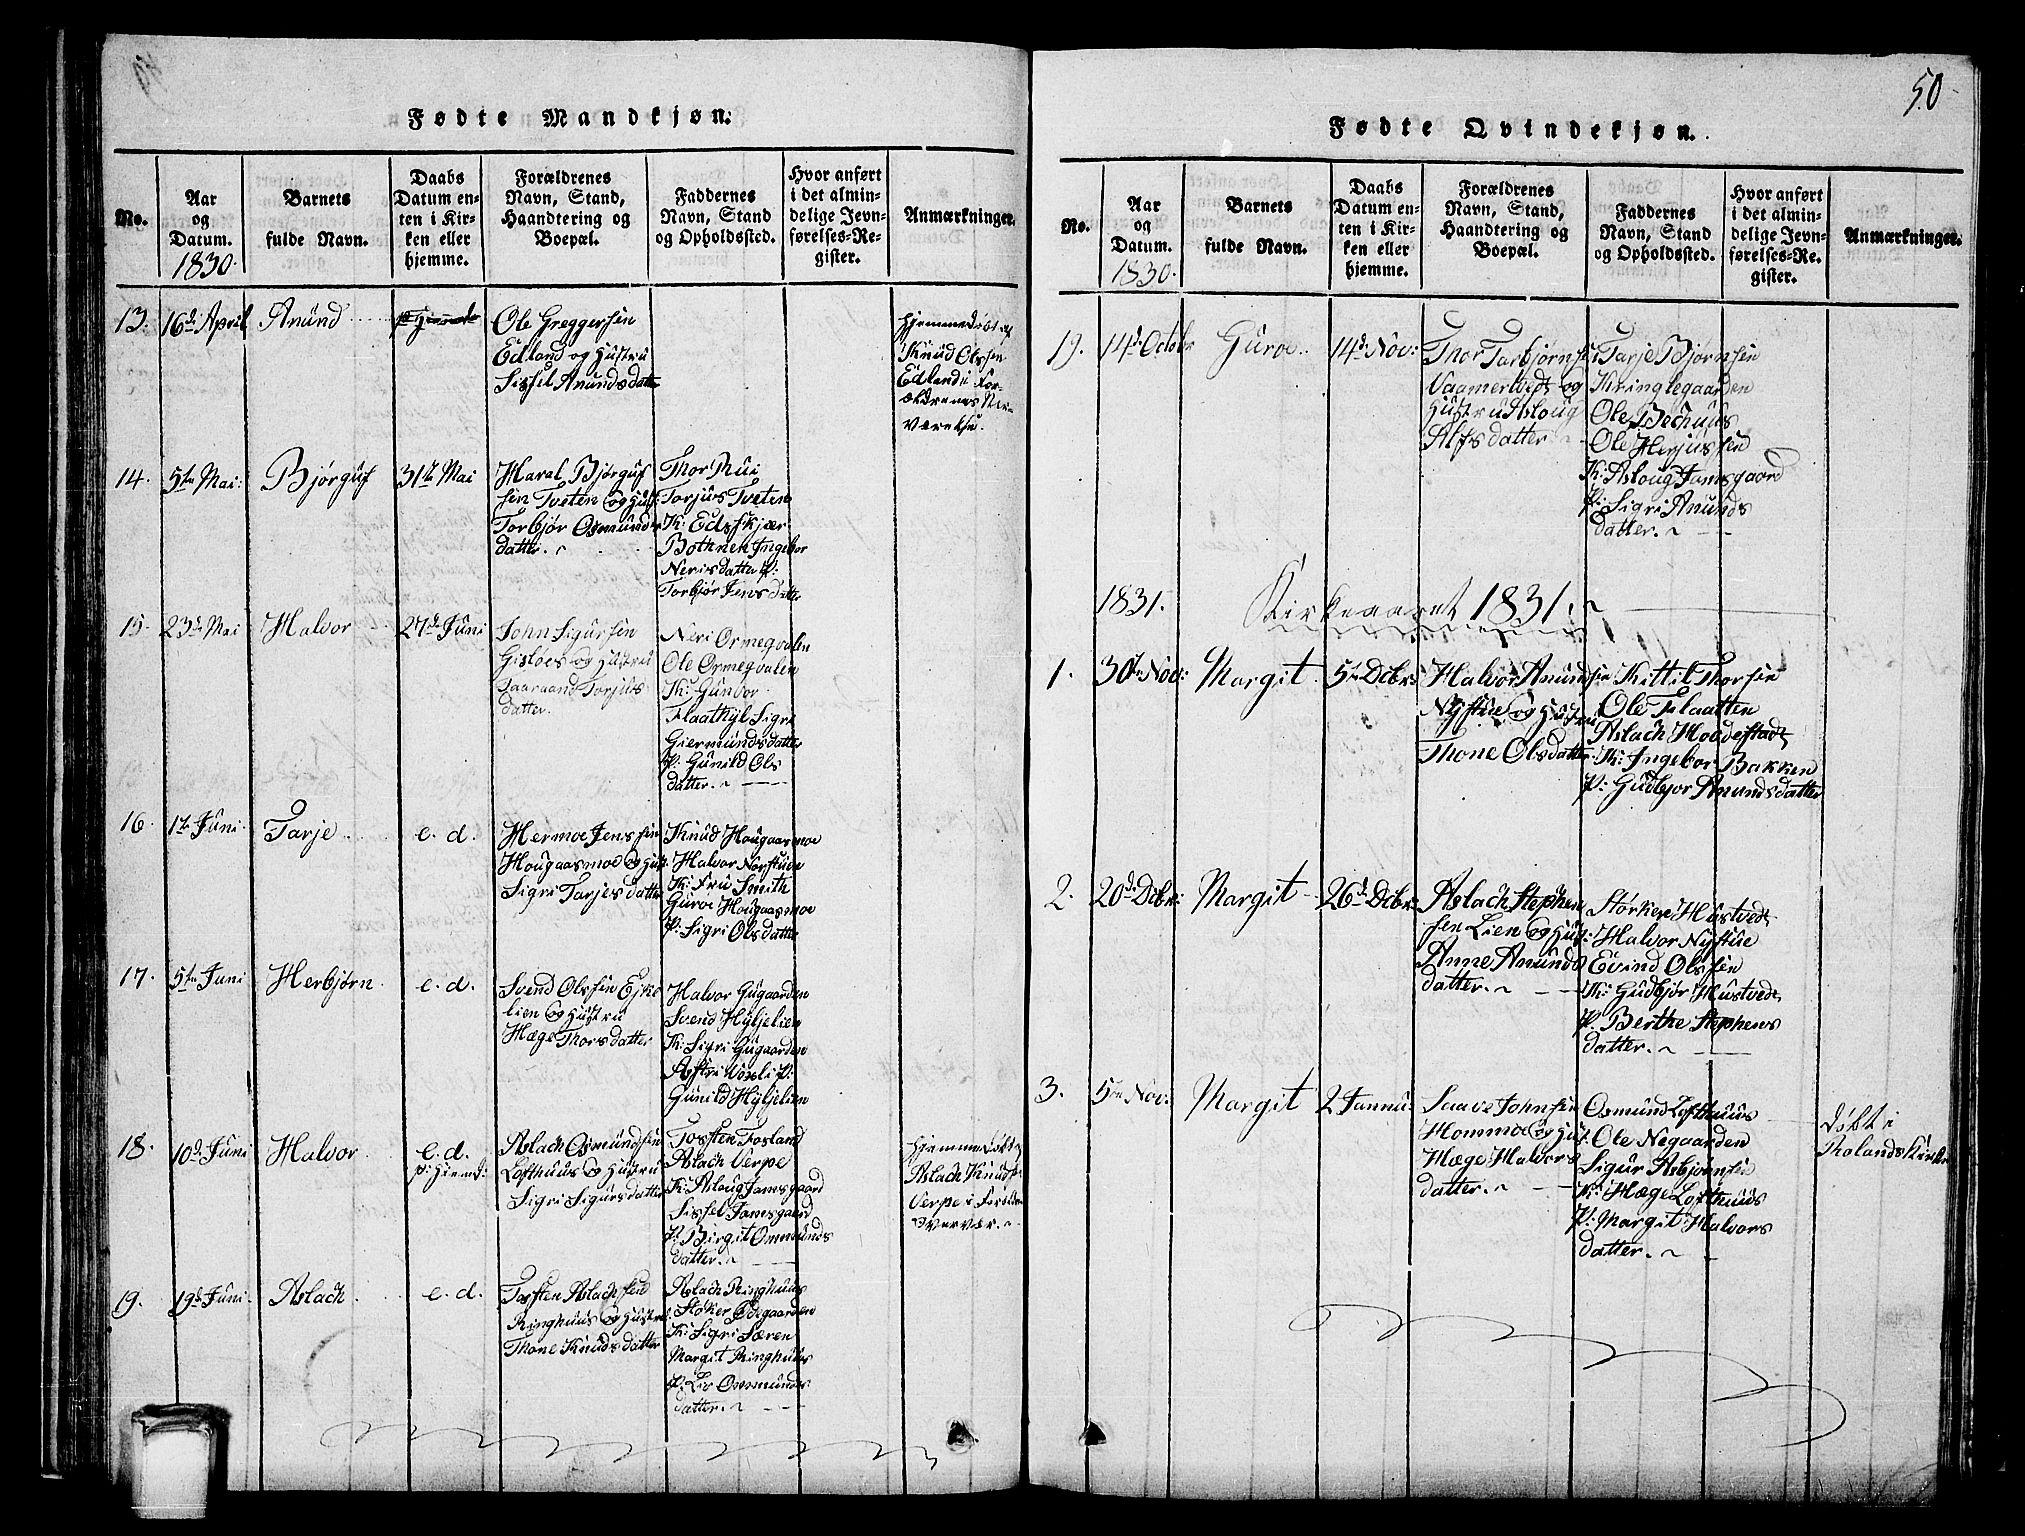 SAKO, Vinje kirkebøker, G/Ga/L0001: Klokkerbok nr. I 1, 1814-1843, s. 50